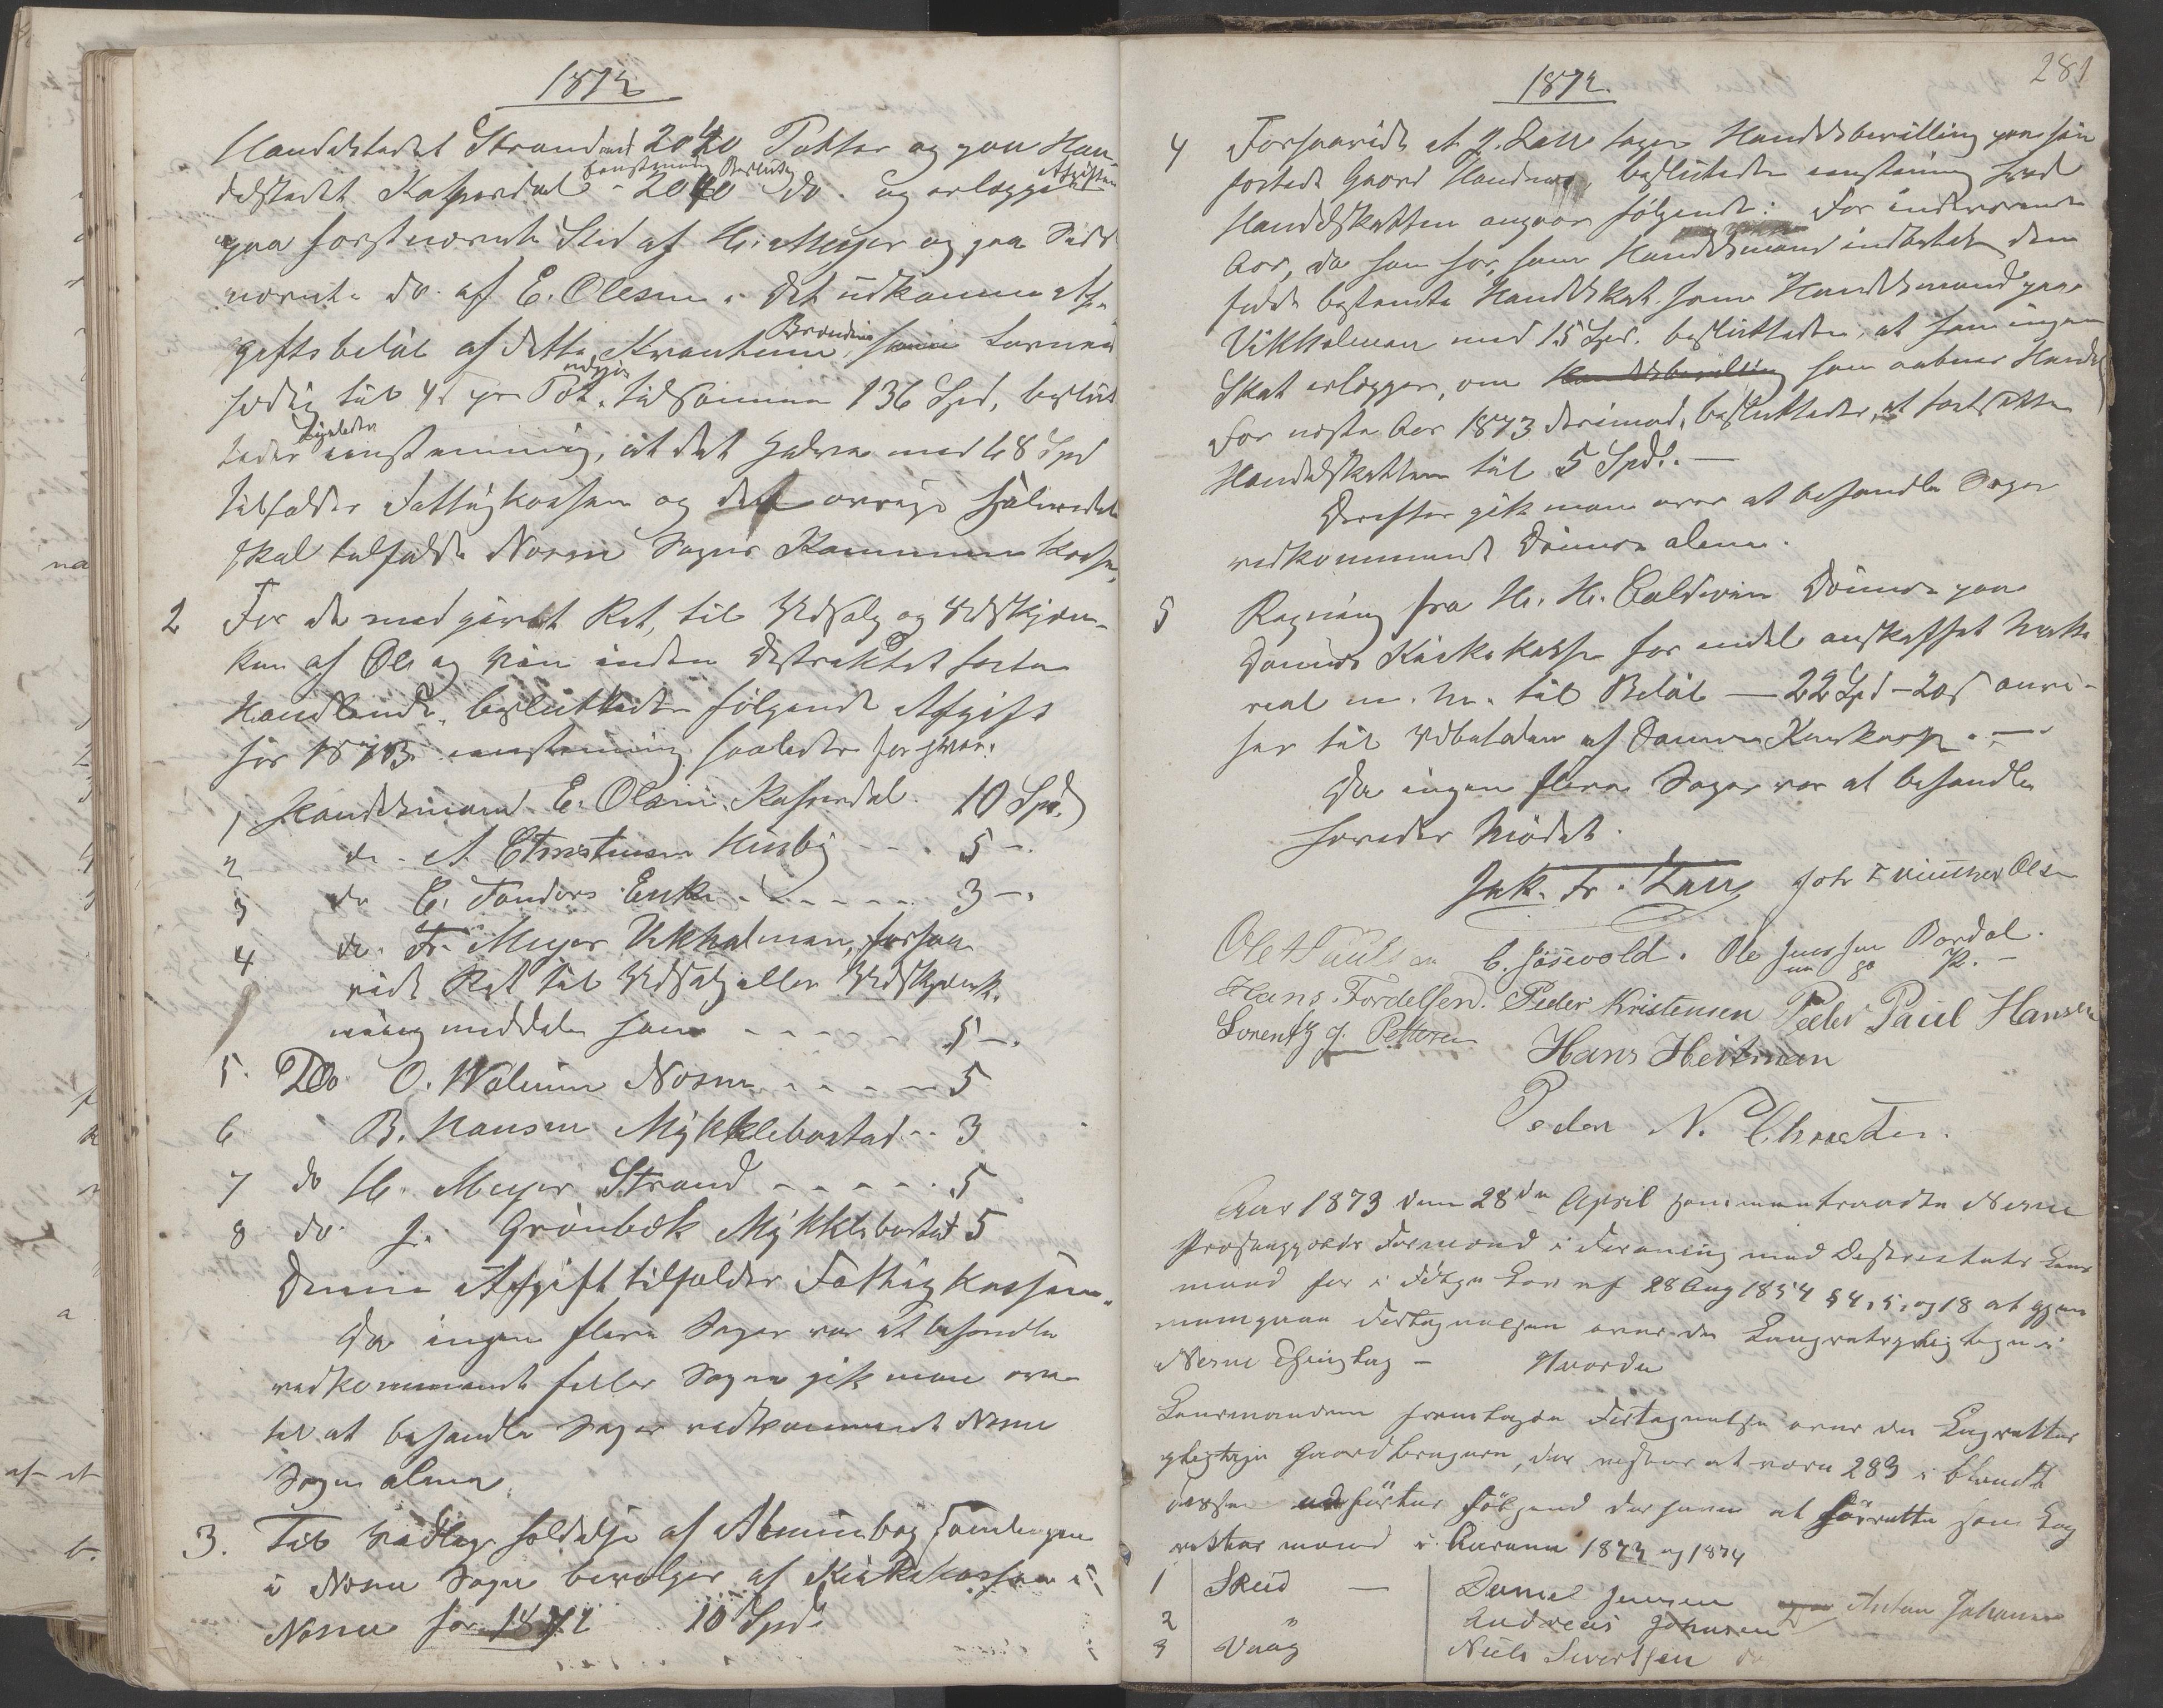 AIN, Nesna kommune. Formannskapet, 100/L0001: Møtebok, 1838-1873, s. 281